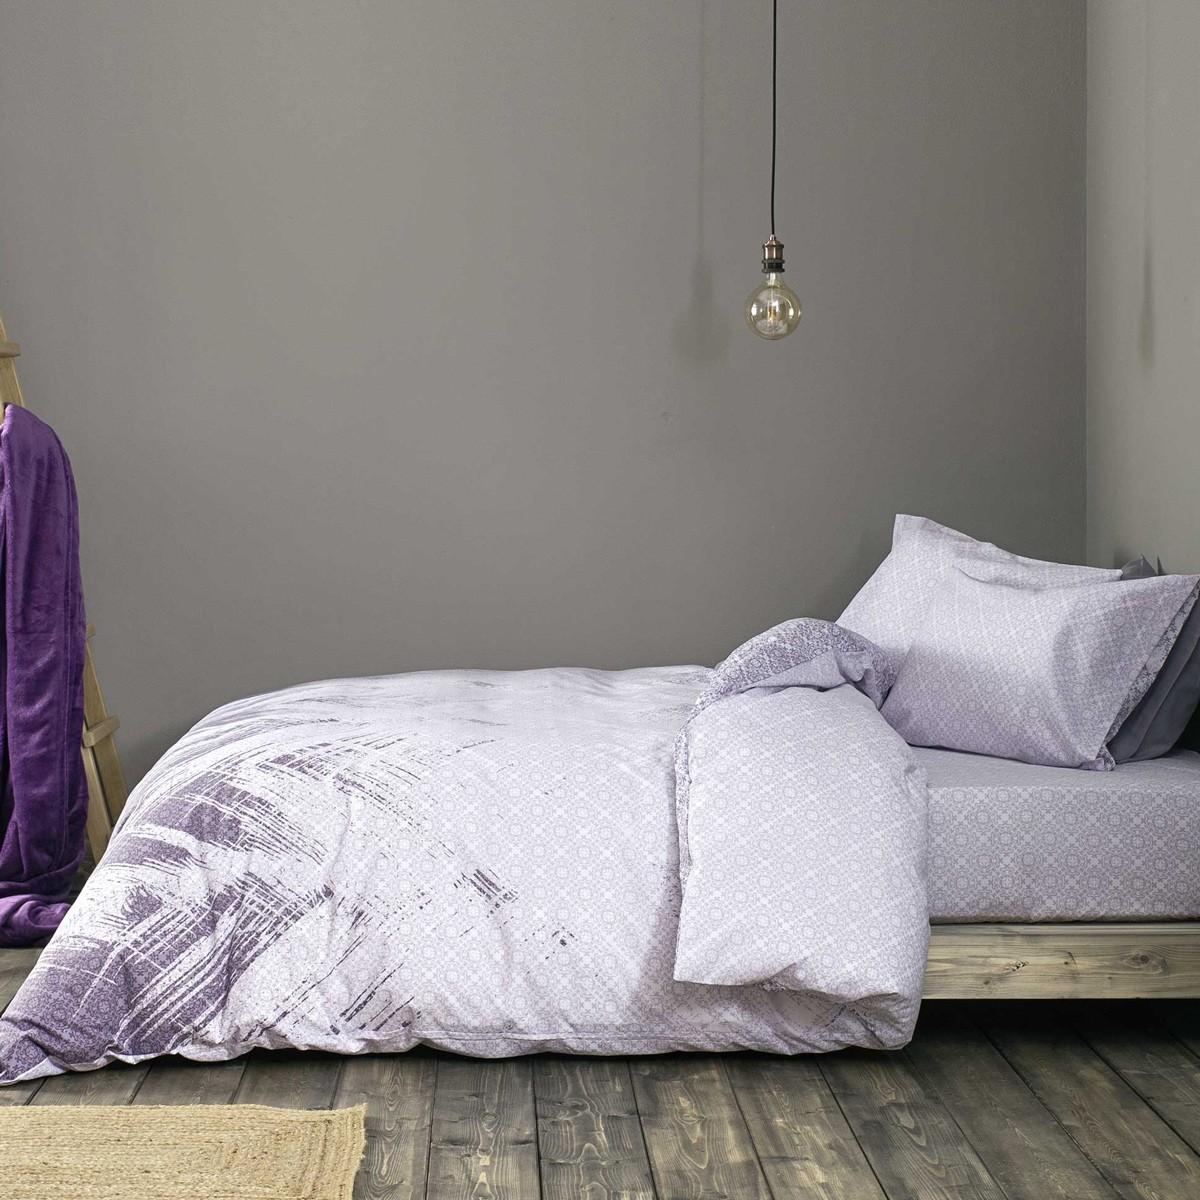 Παπλωματοθήκη Υπέρδιπλη (Σετ) Nima Bed Linen Portoro Purple